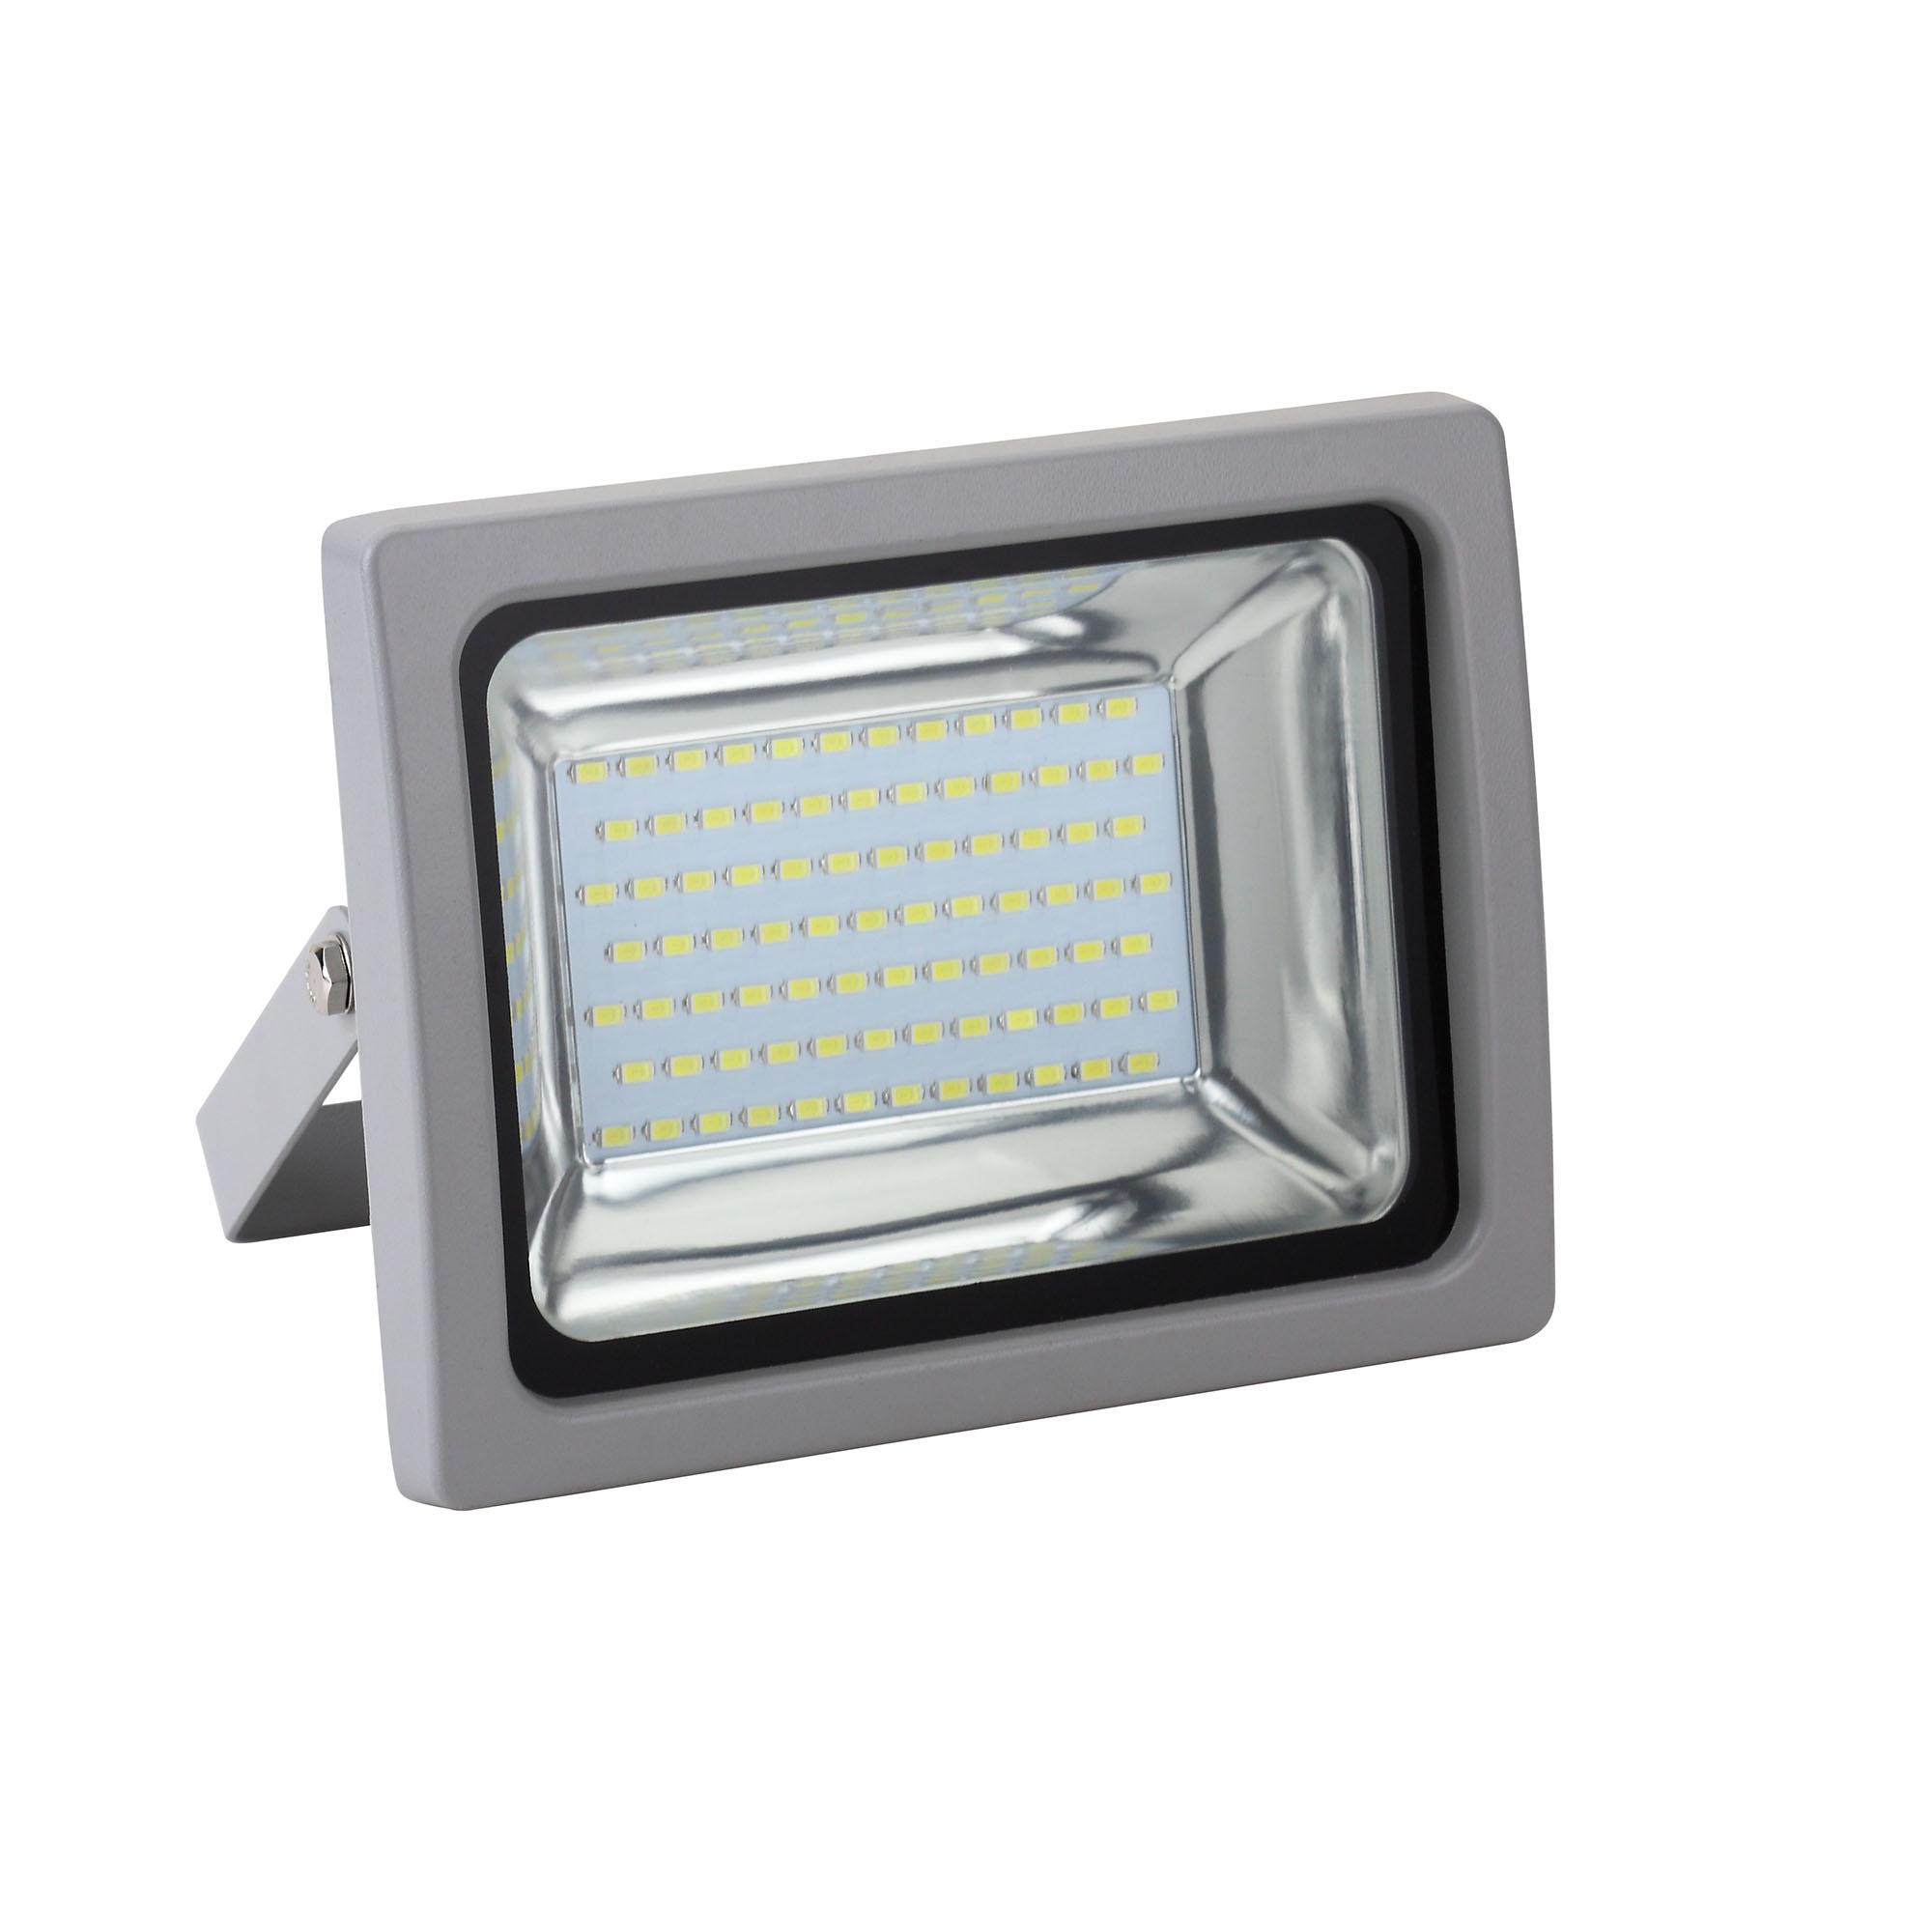 Прожектор светодиодный Uniel Ulf-s04-30w/dw